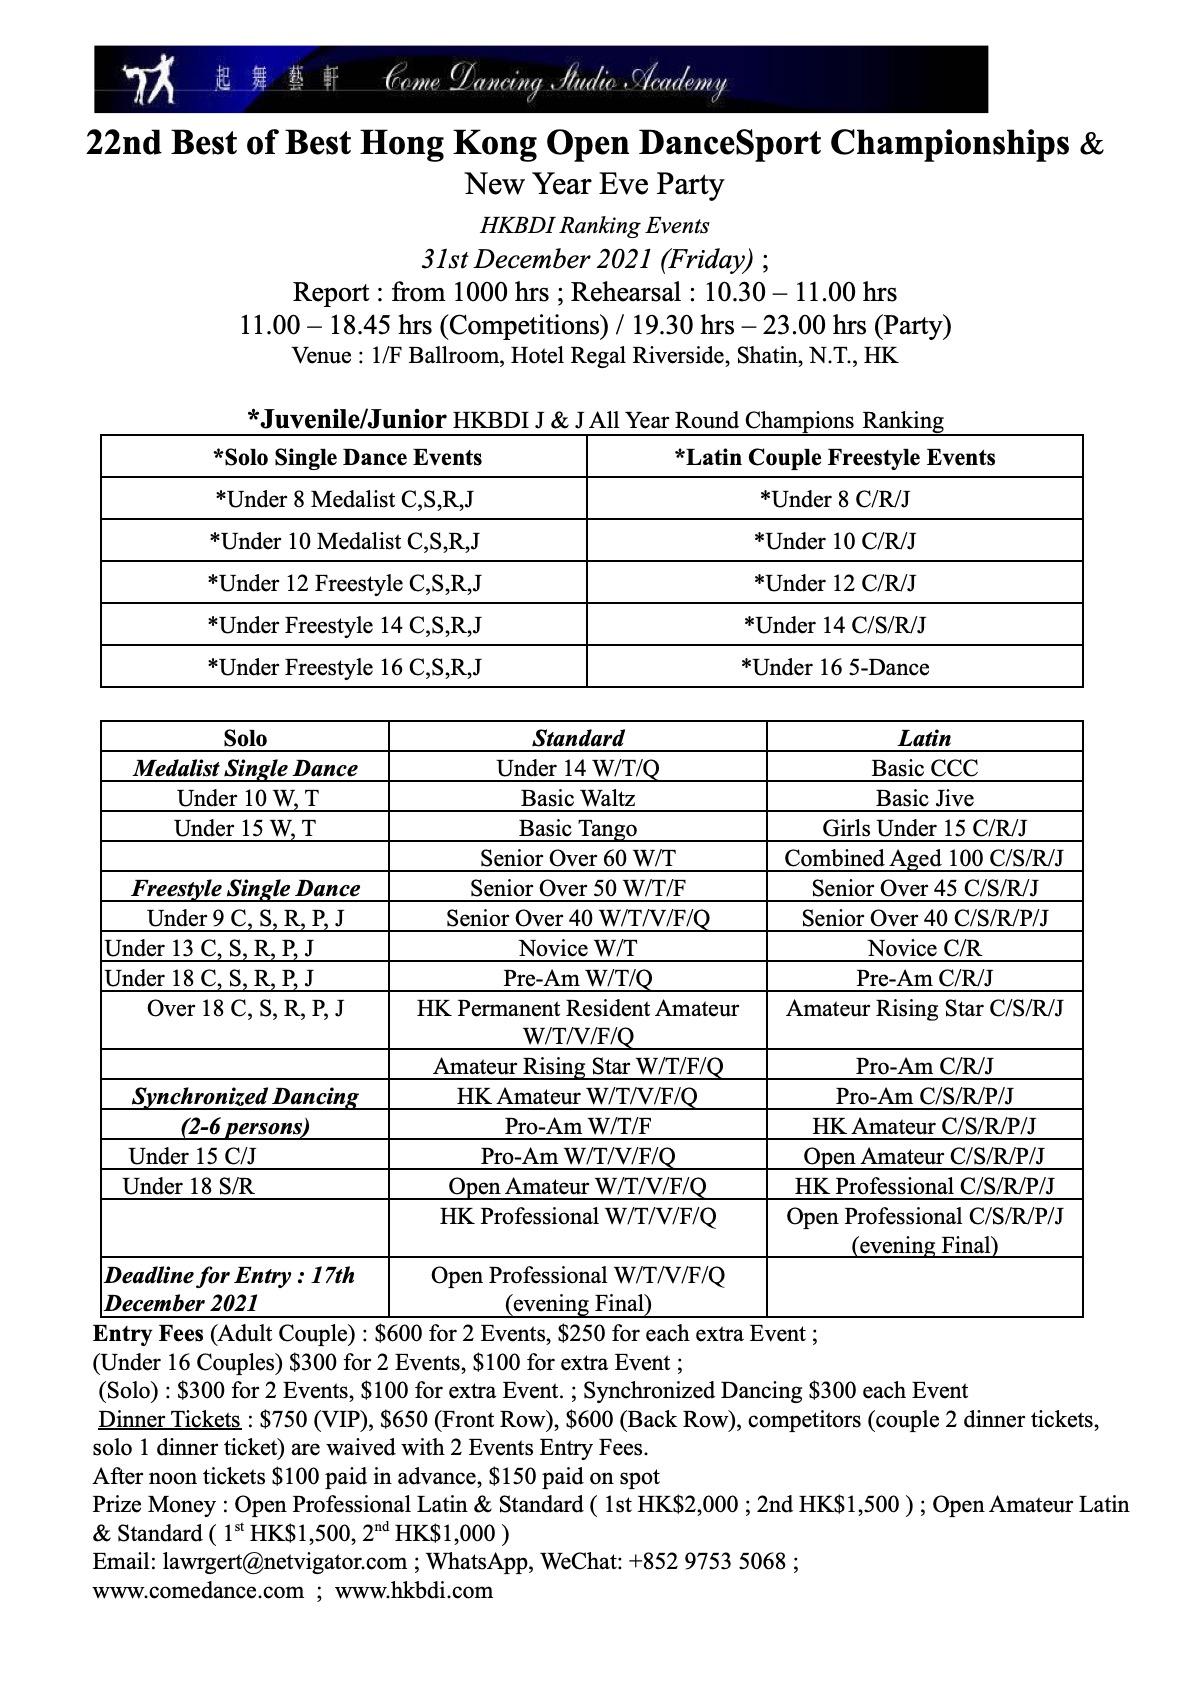 22nd Best of Best Hong Kong Open DanceSport Championships & New Year Eve Party